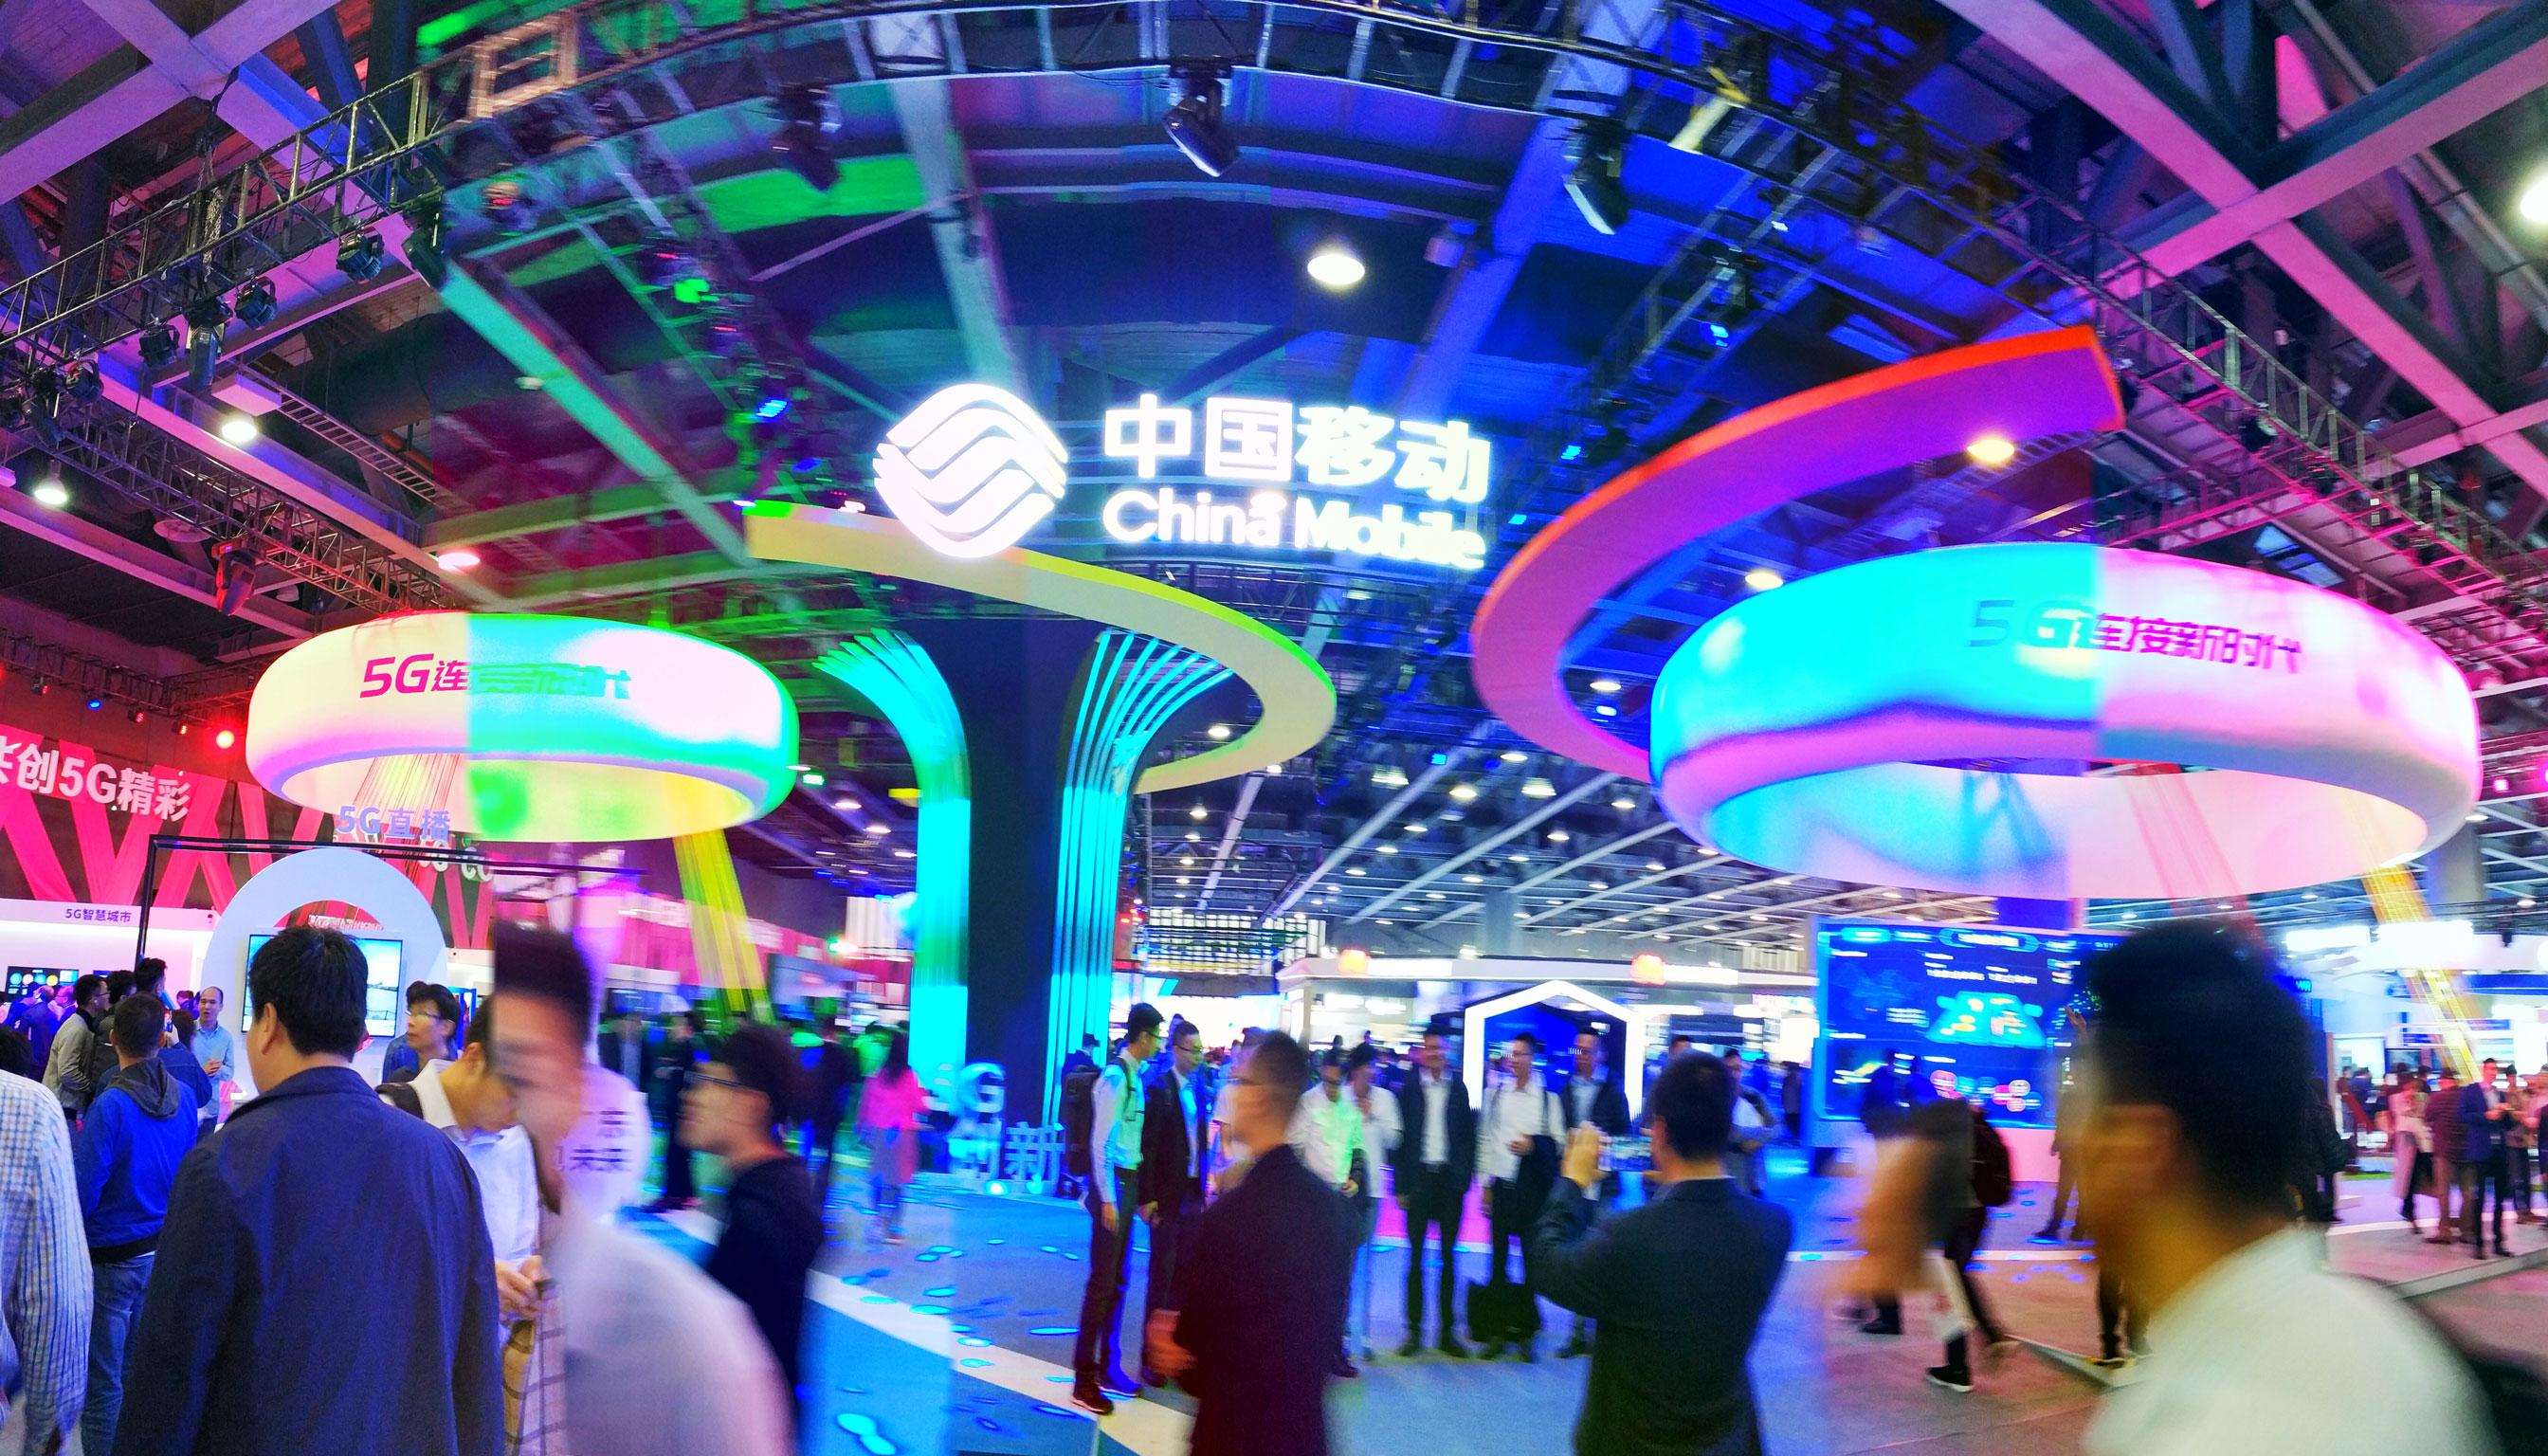 移动全球合作伙伴大会:小源科技以RCS技术助力5G发展!